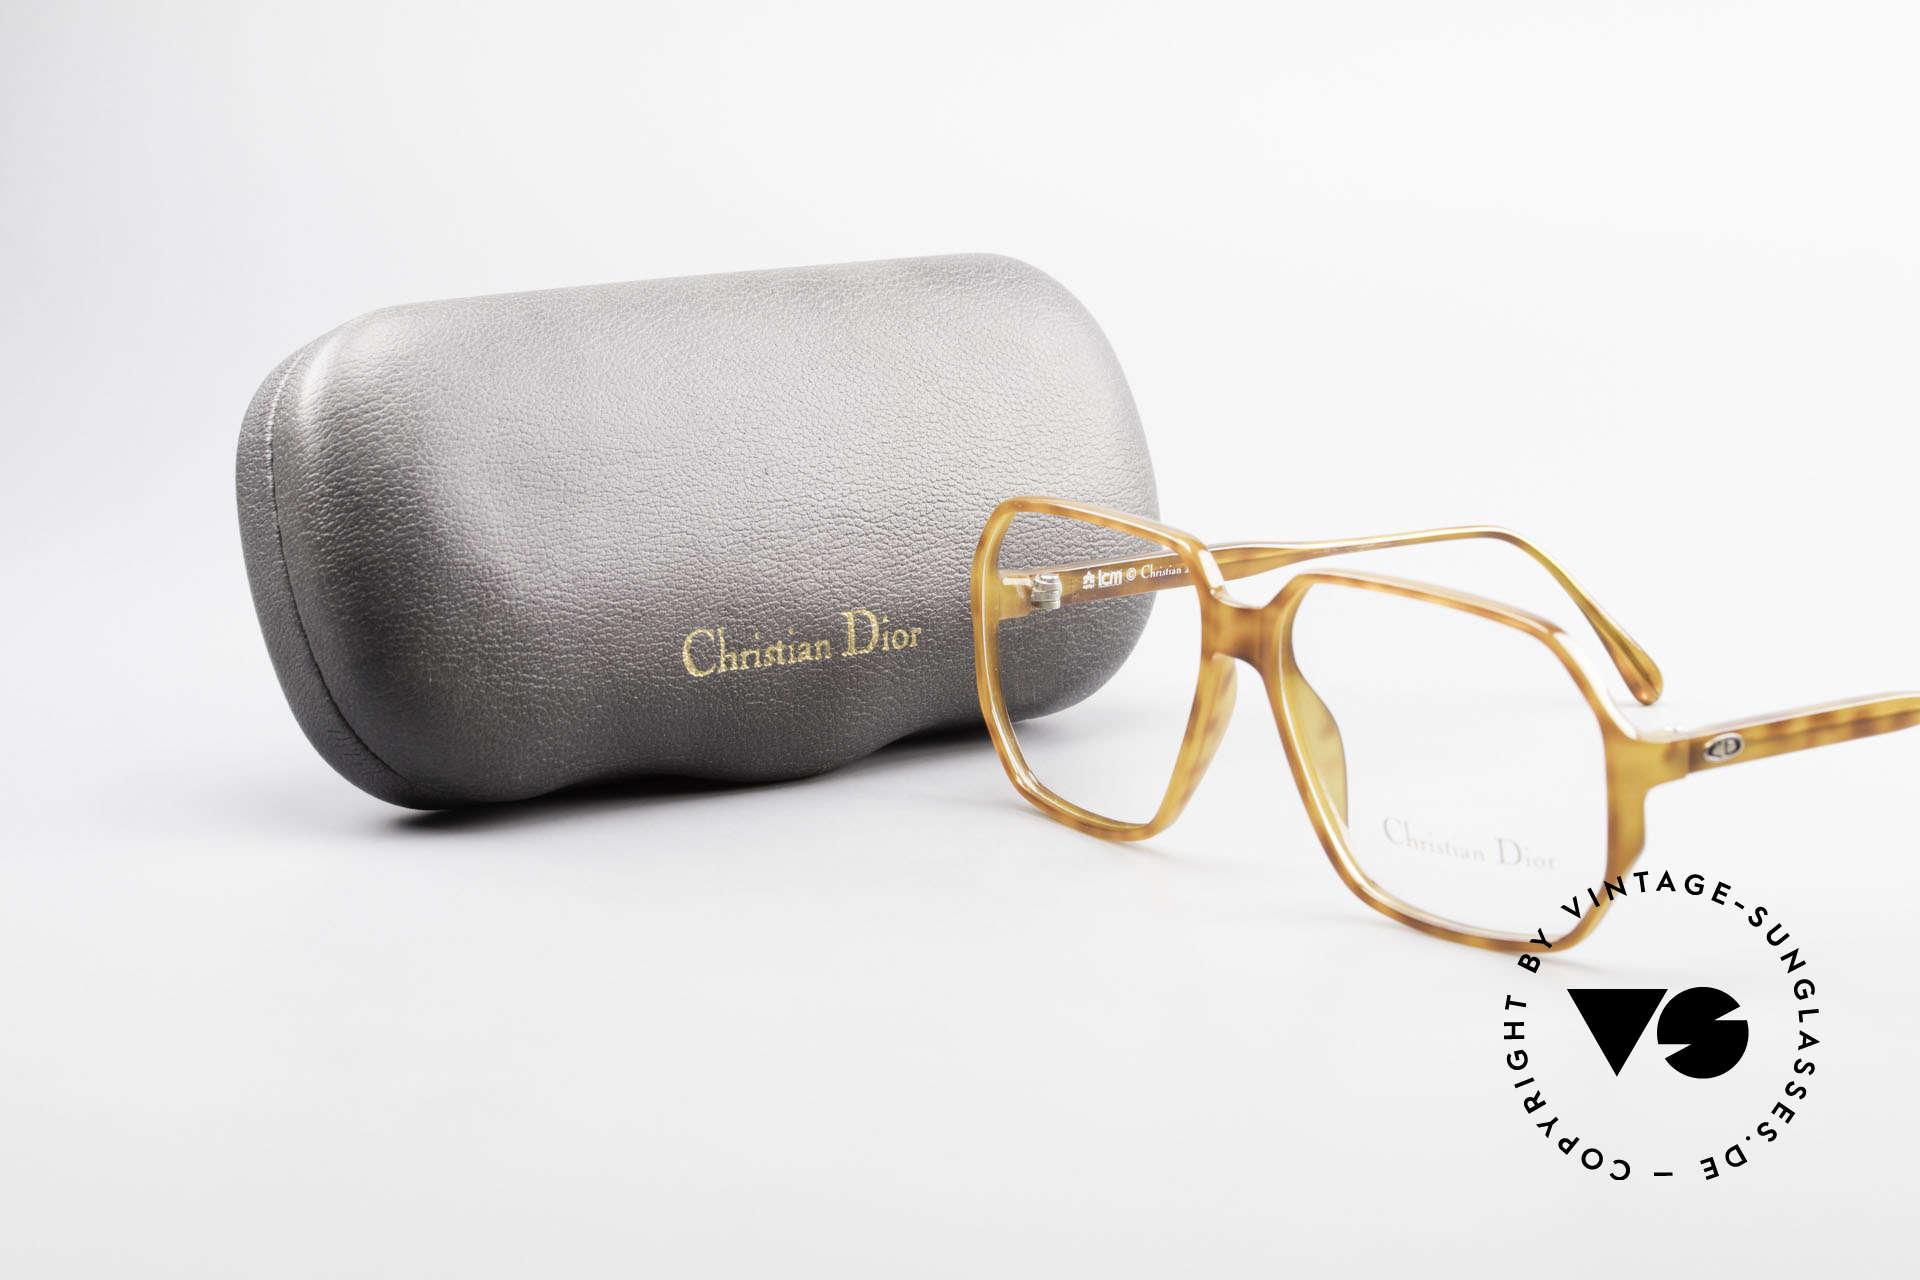 Christian Dior 2533 Optyl Vintage Herrenbrille, Größe: small, Passend für Herren